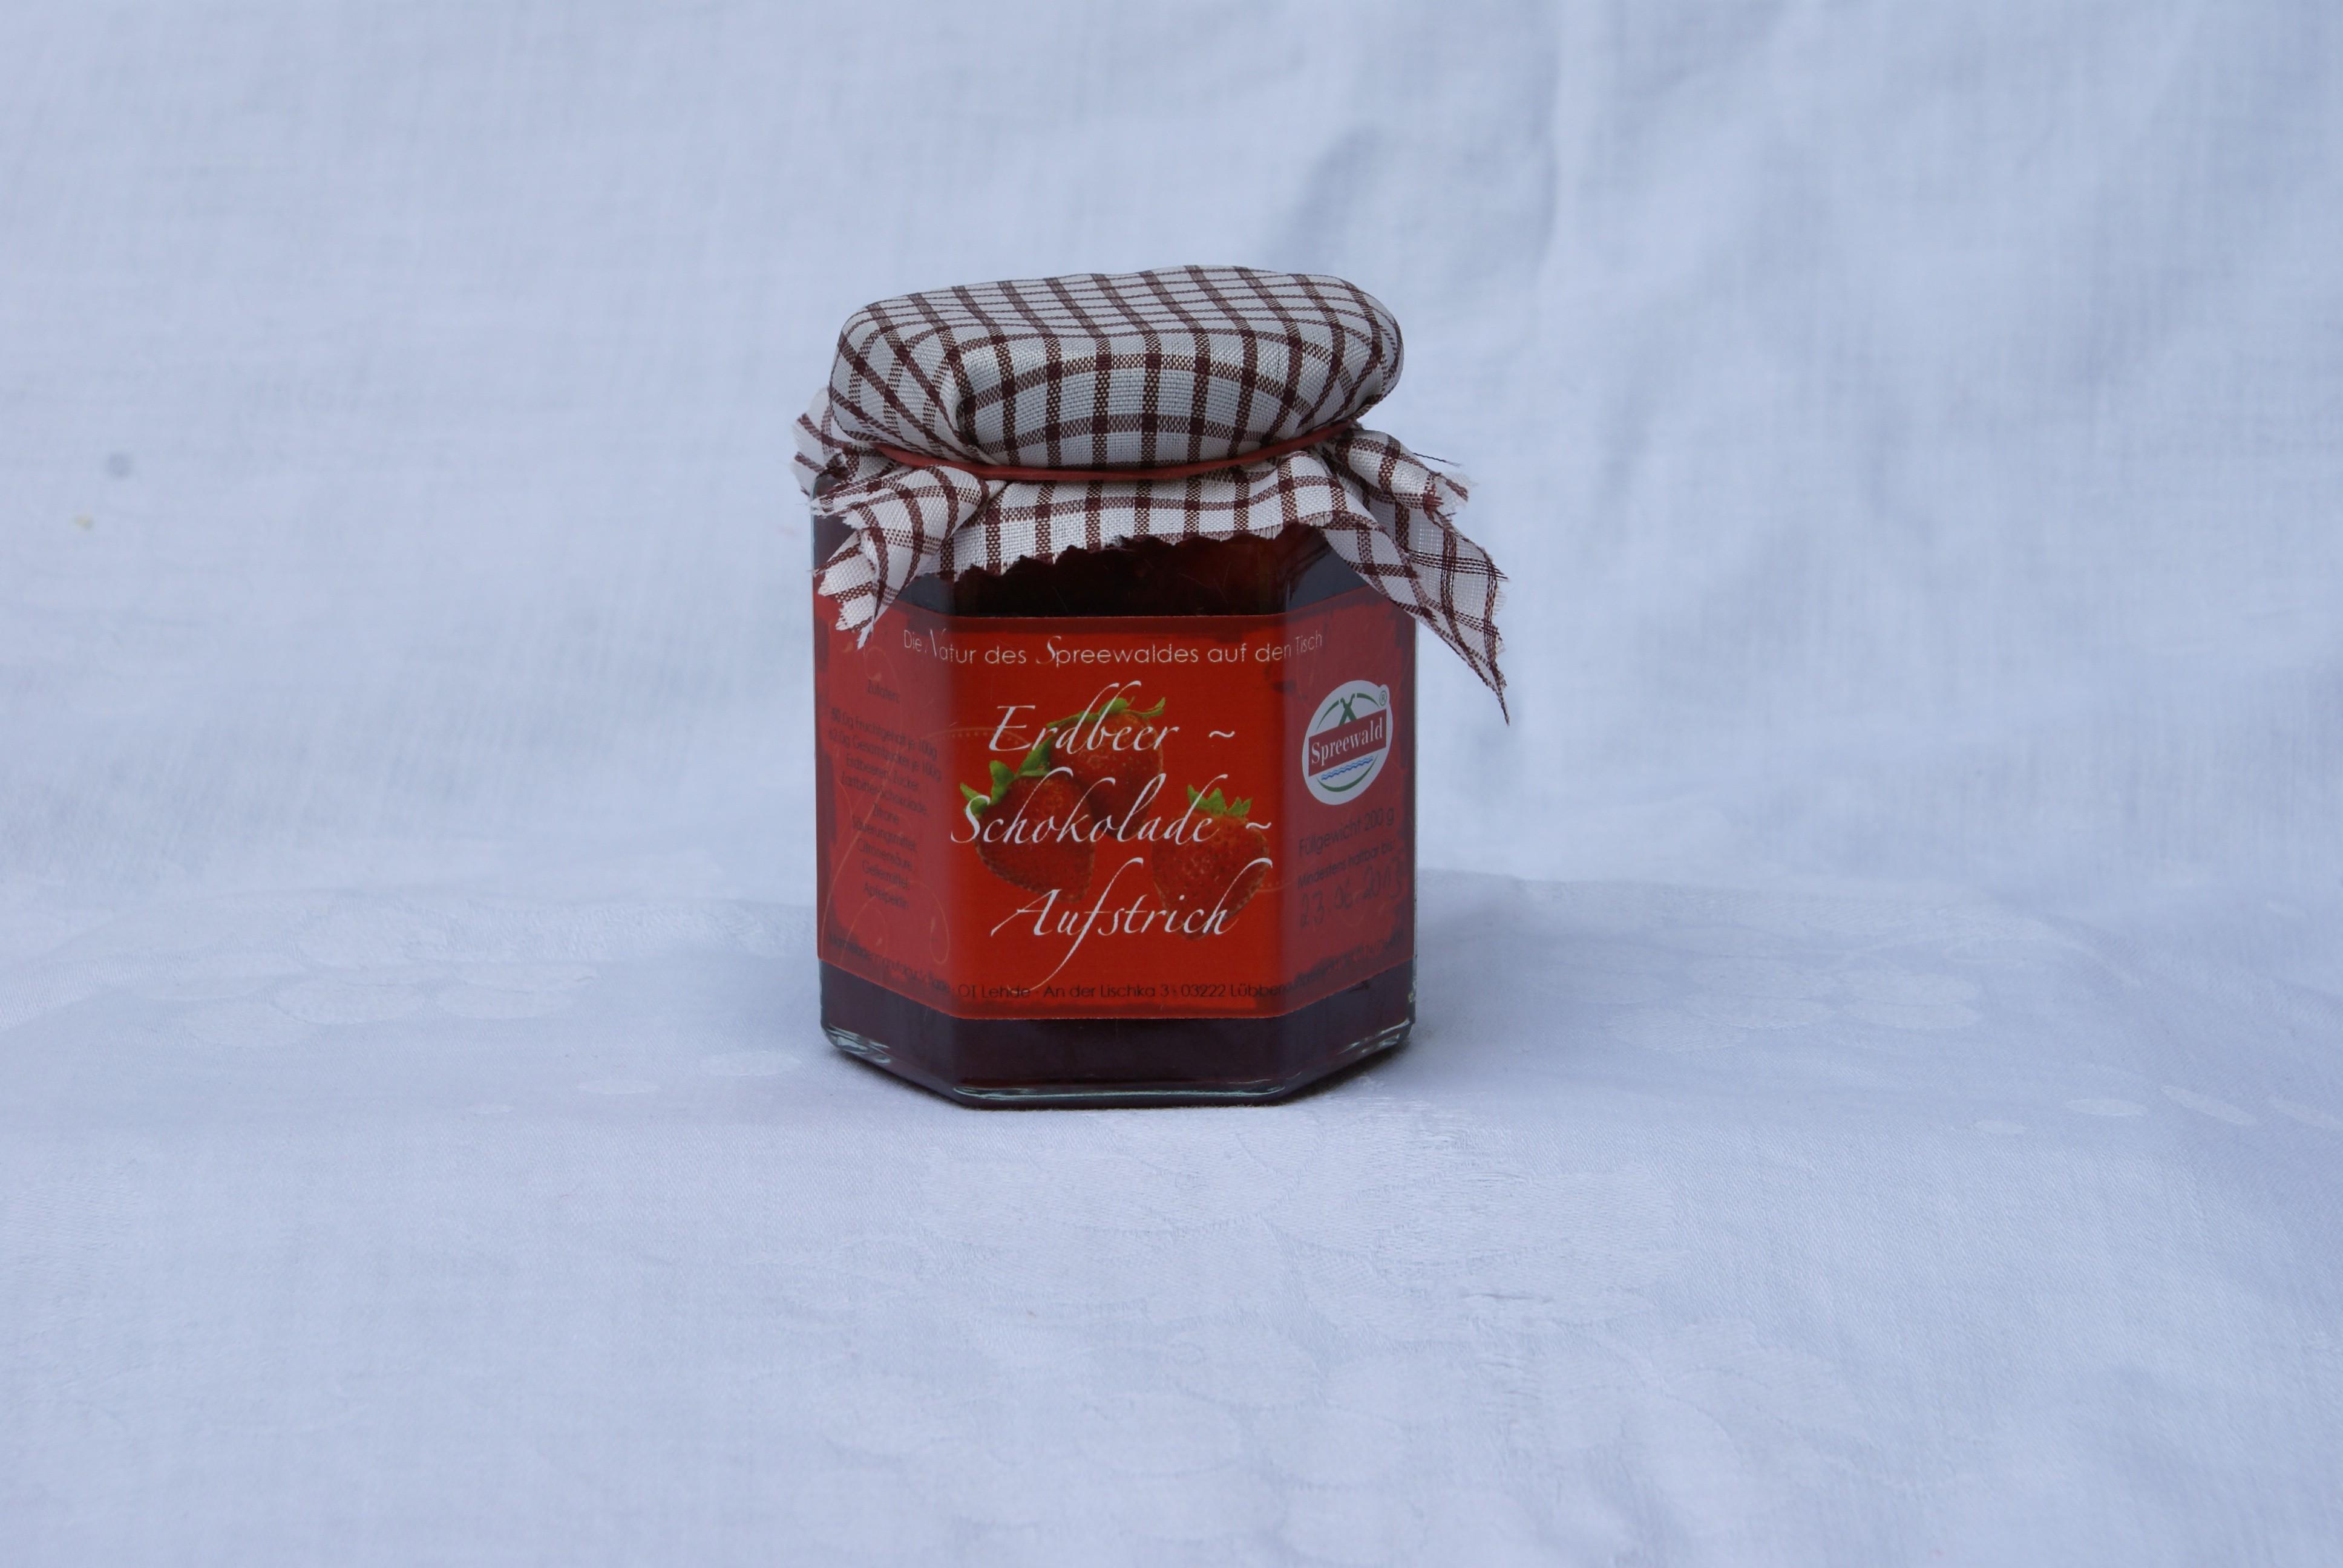 Erdbeer-Schokolade-Fruchtaufstrich